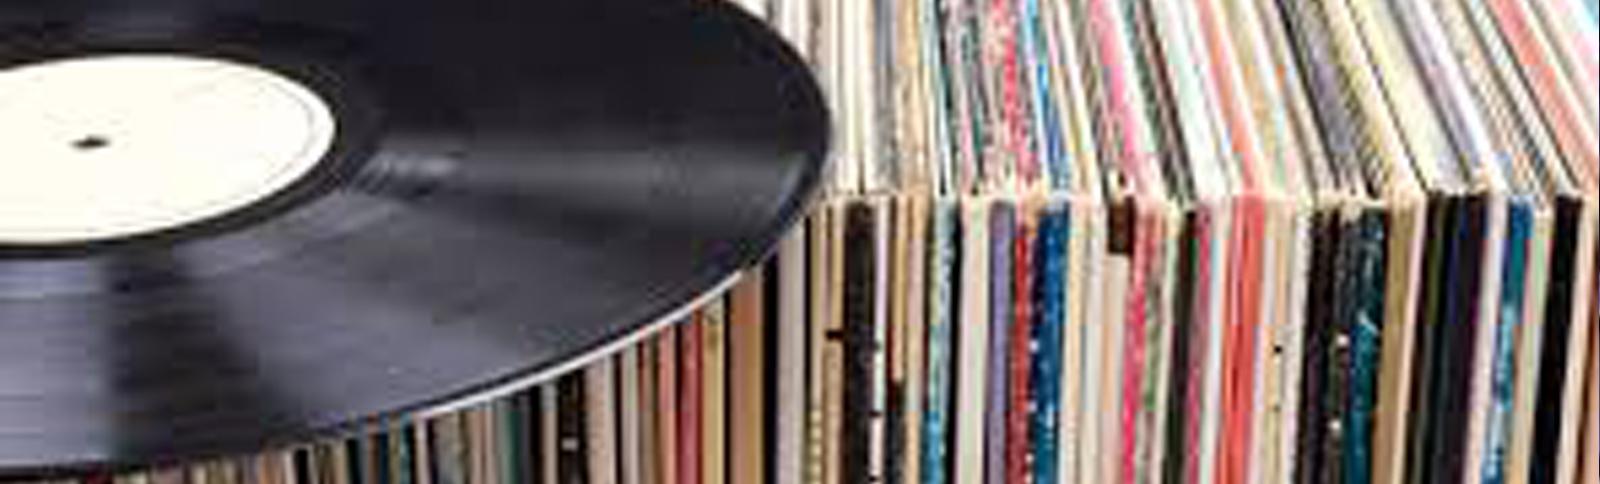 78 vinyl lp to cd or digital files oxfordshire uk. Black Bedroom Furniture Sets. Home Design Ideas